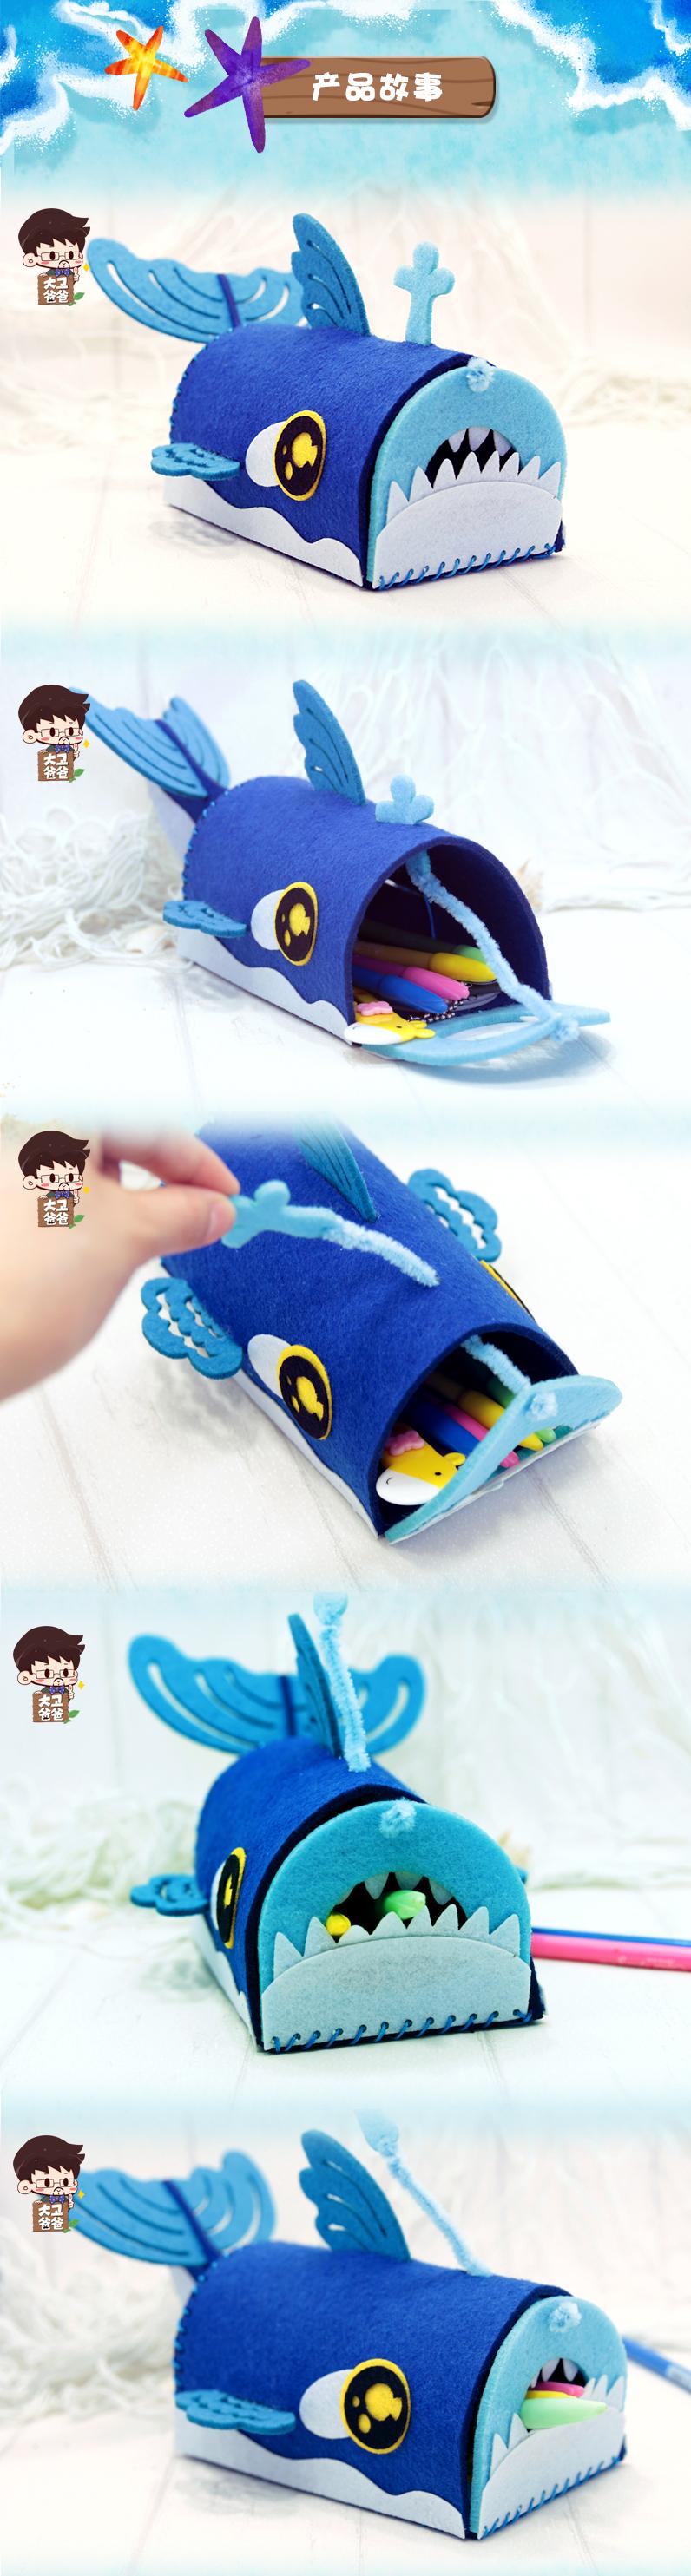 喷水鲸鱼置物盒不织布儿童手工diy制作布艺粘贴材料